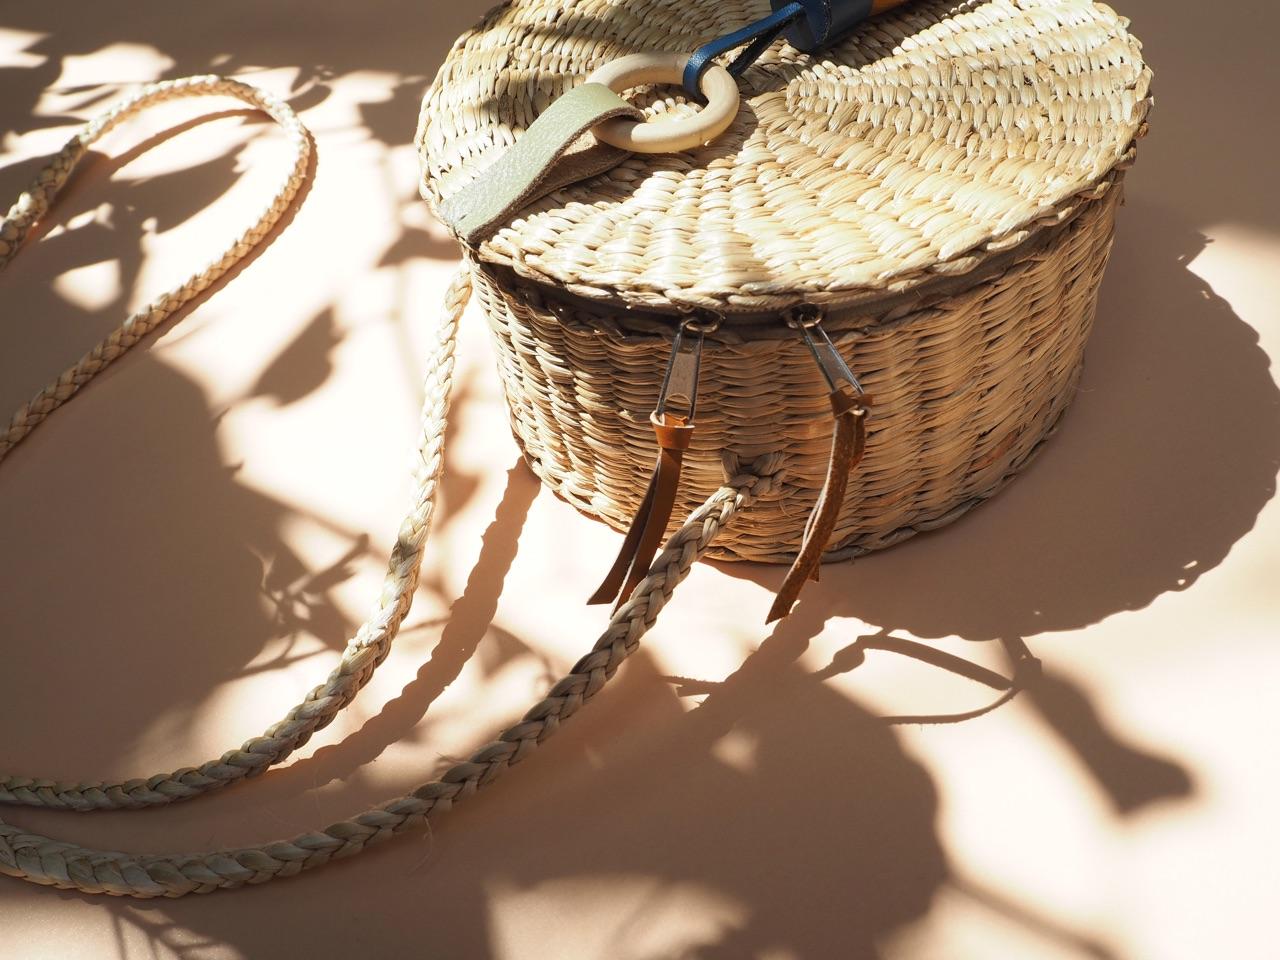 ดระเป๋า,กระเป๋าผู้หญิง,กระเป๋าสาน,กระเป๋าสะพาย,กระเป๋า,กระเป๋าผักตบชวา,กระเป๋าผักตบ,ผักตบชวา